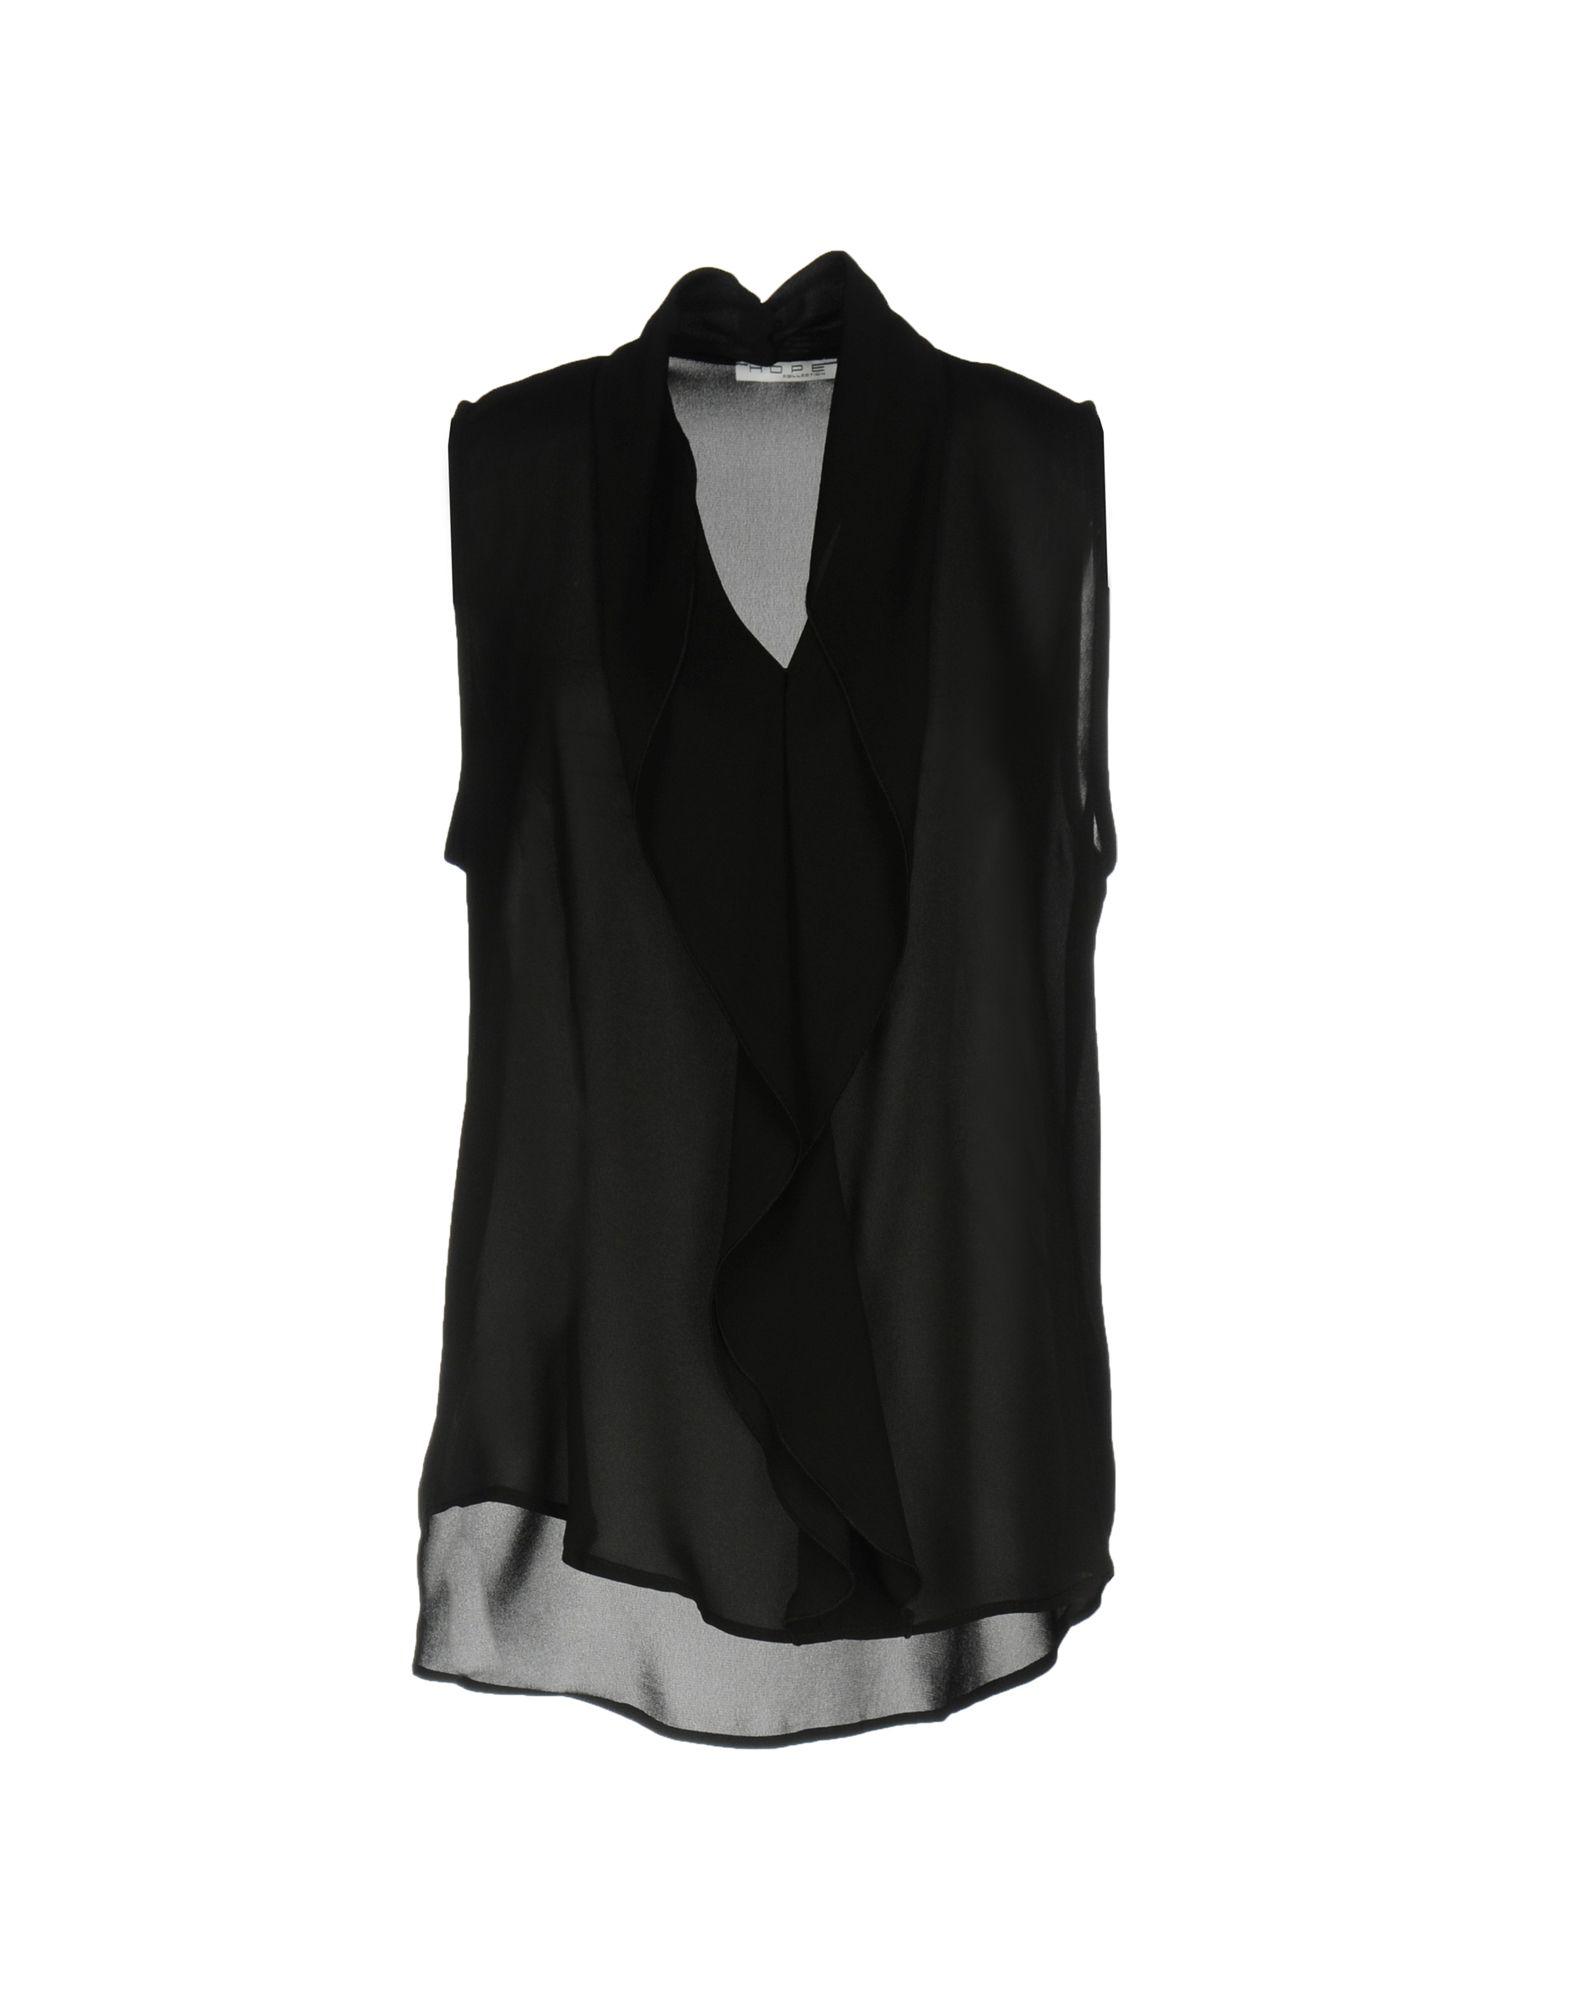 HOPE COLLECTION Damen Top Farbe Schwarz Größe 6 jetztbilligerkaufen